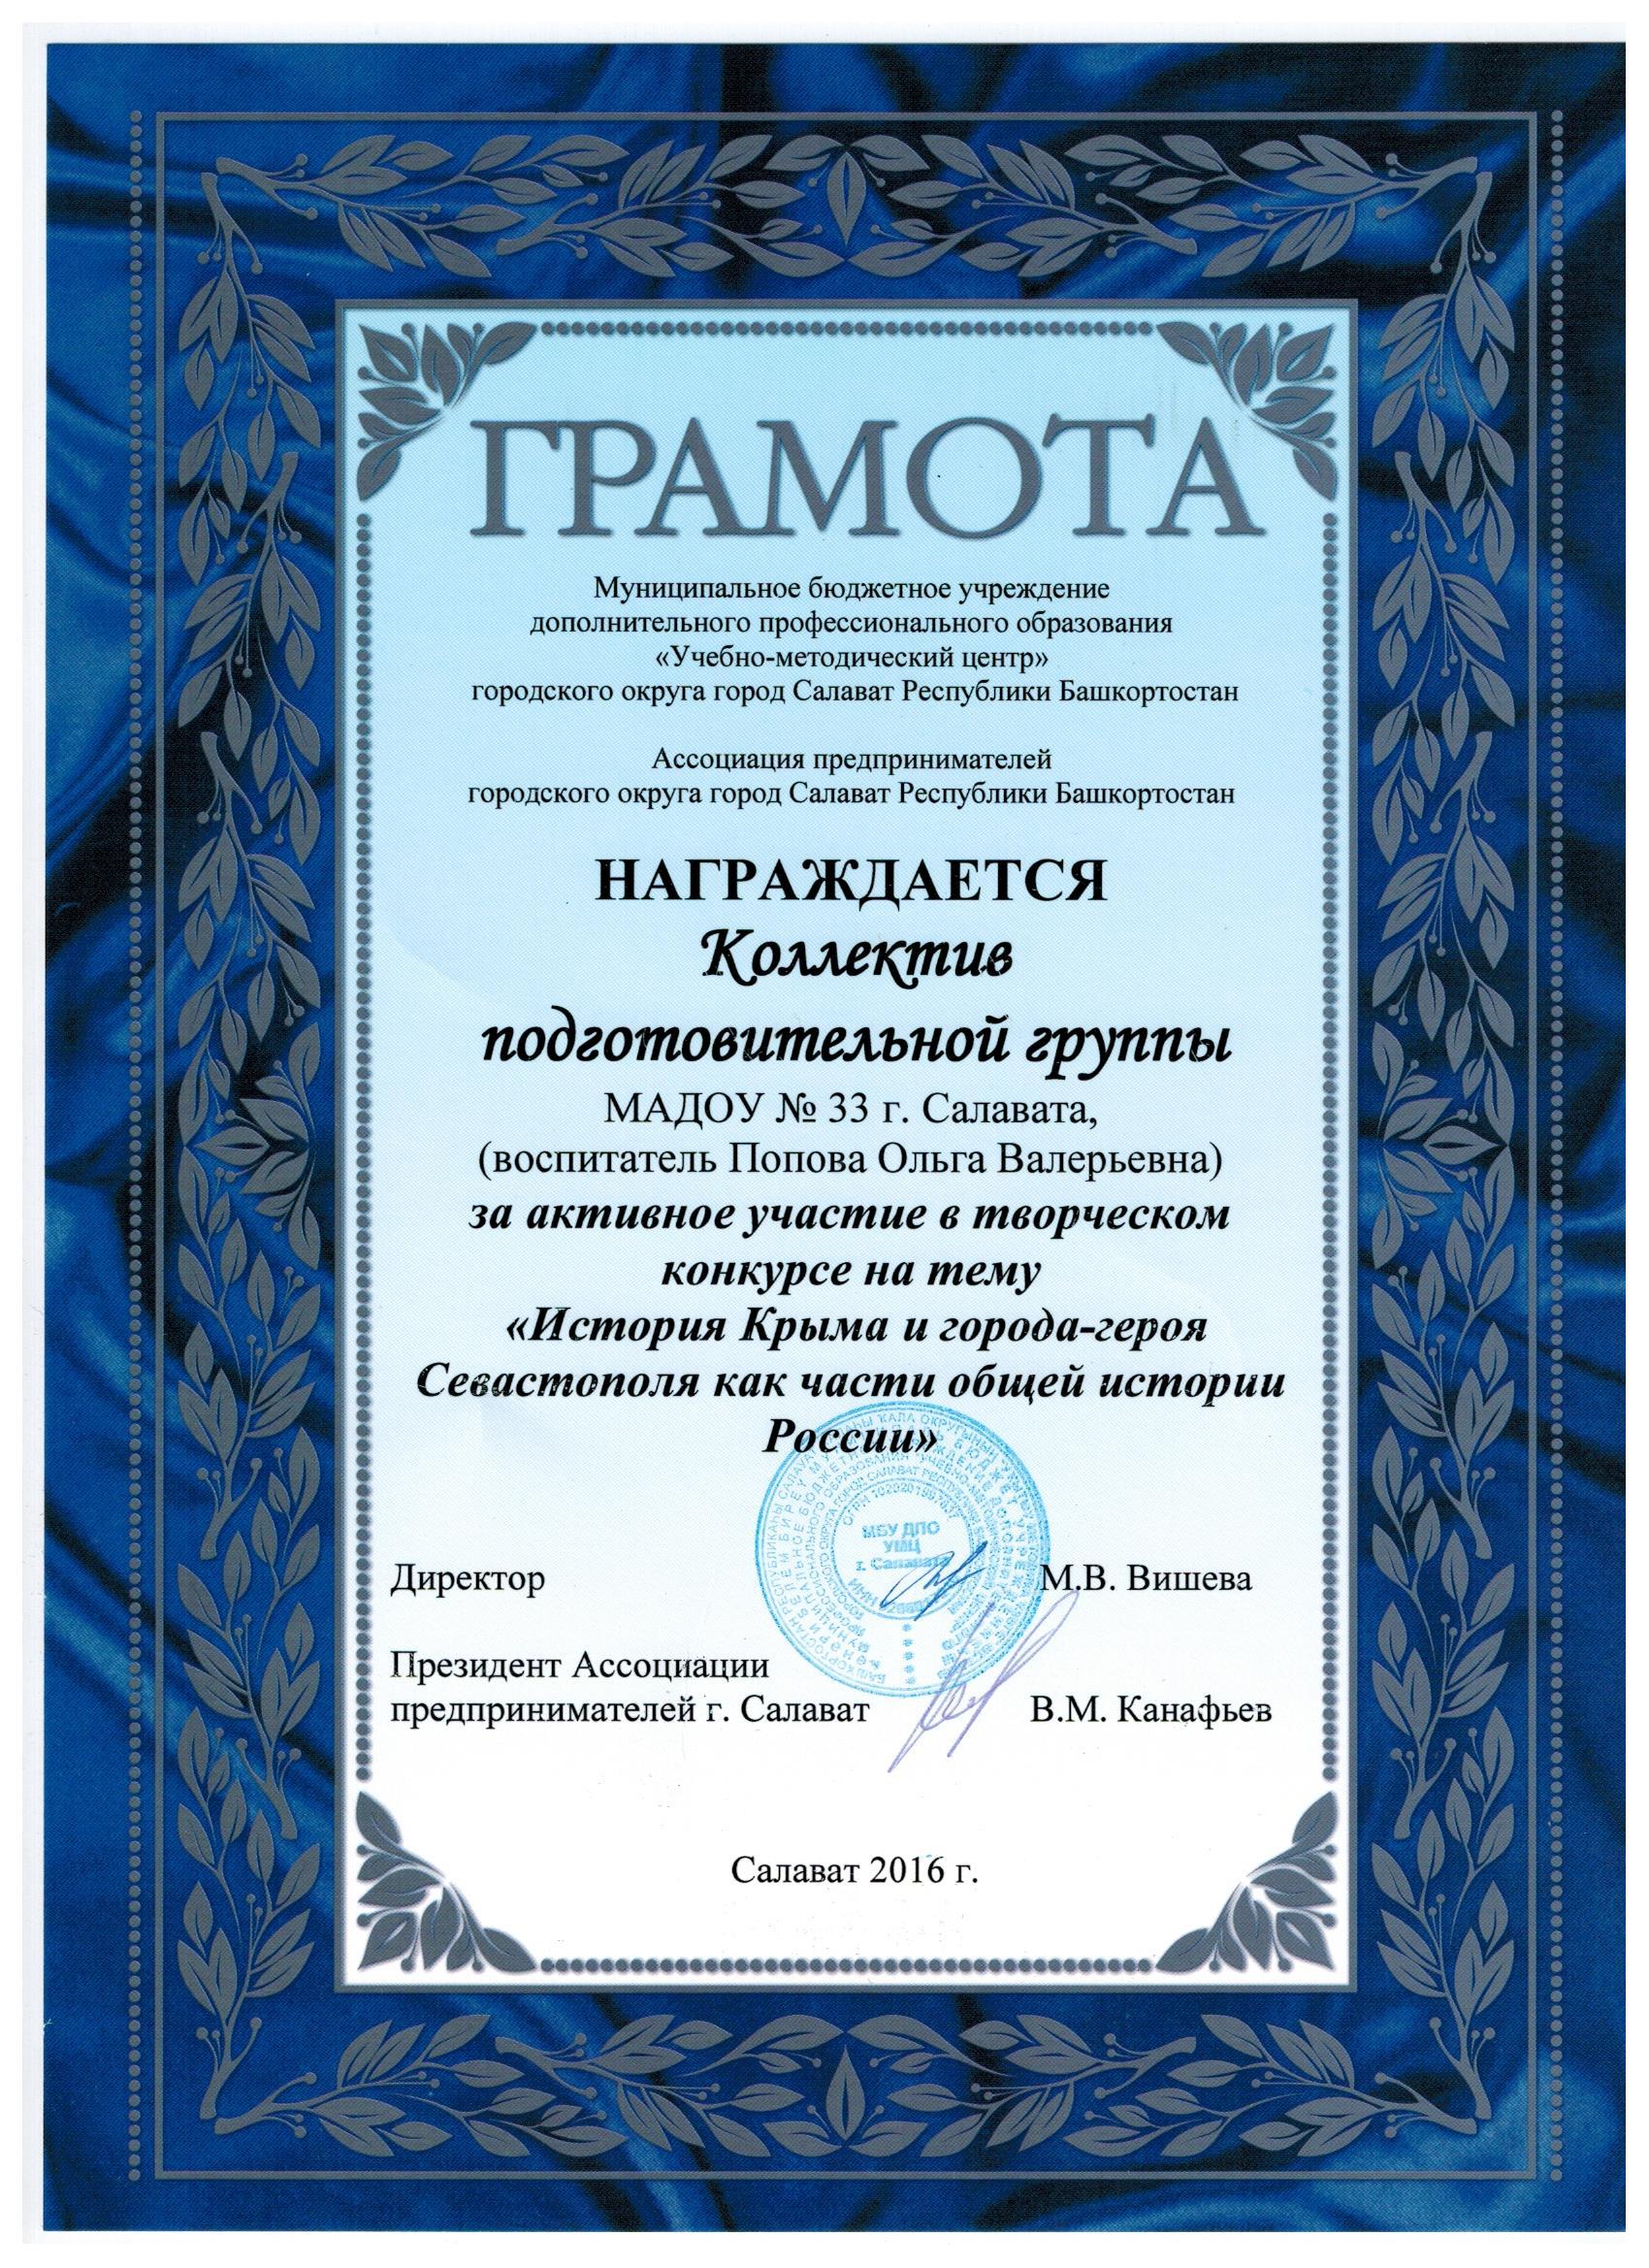 Крым (2)